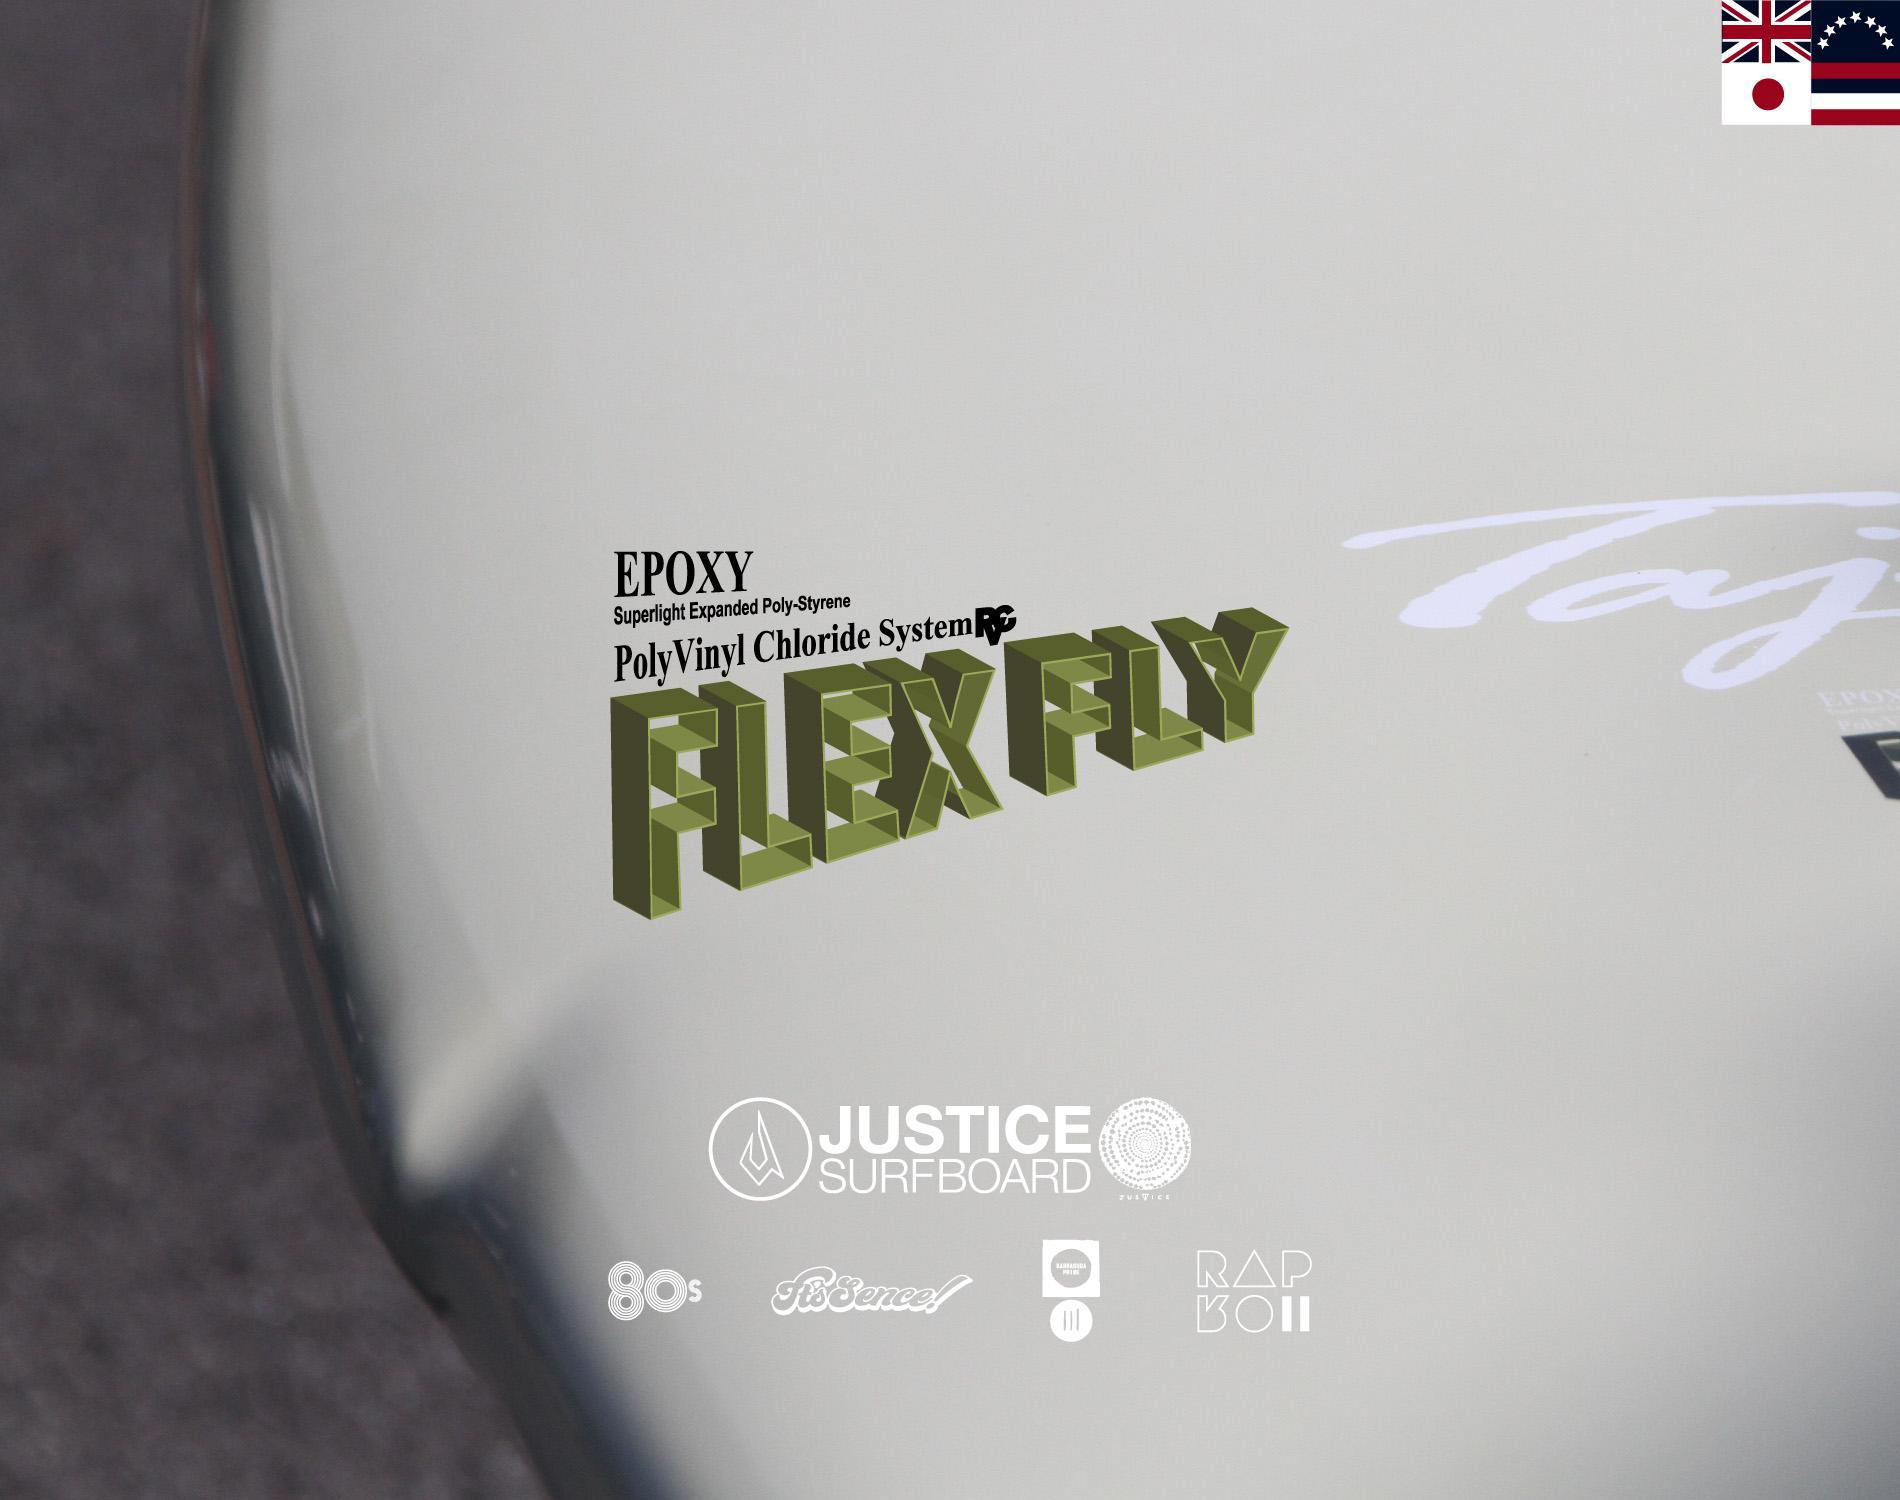 ジャスティスサーフボード  FLEXFLY